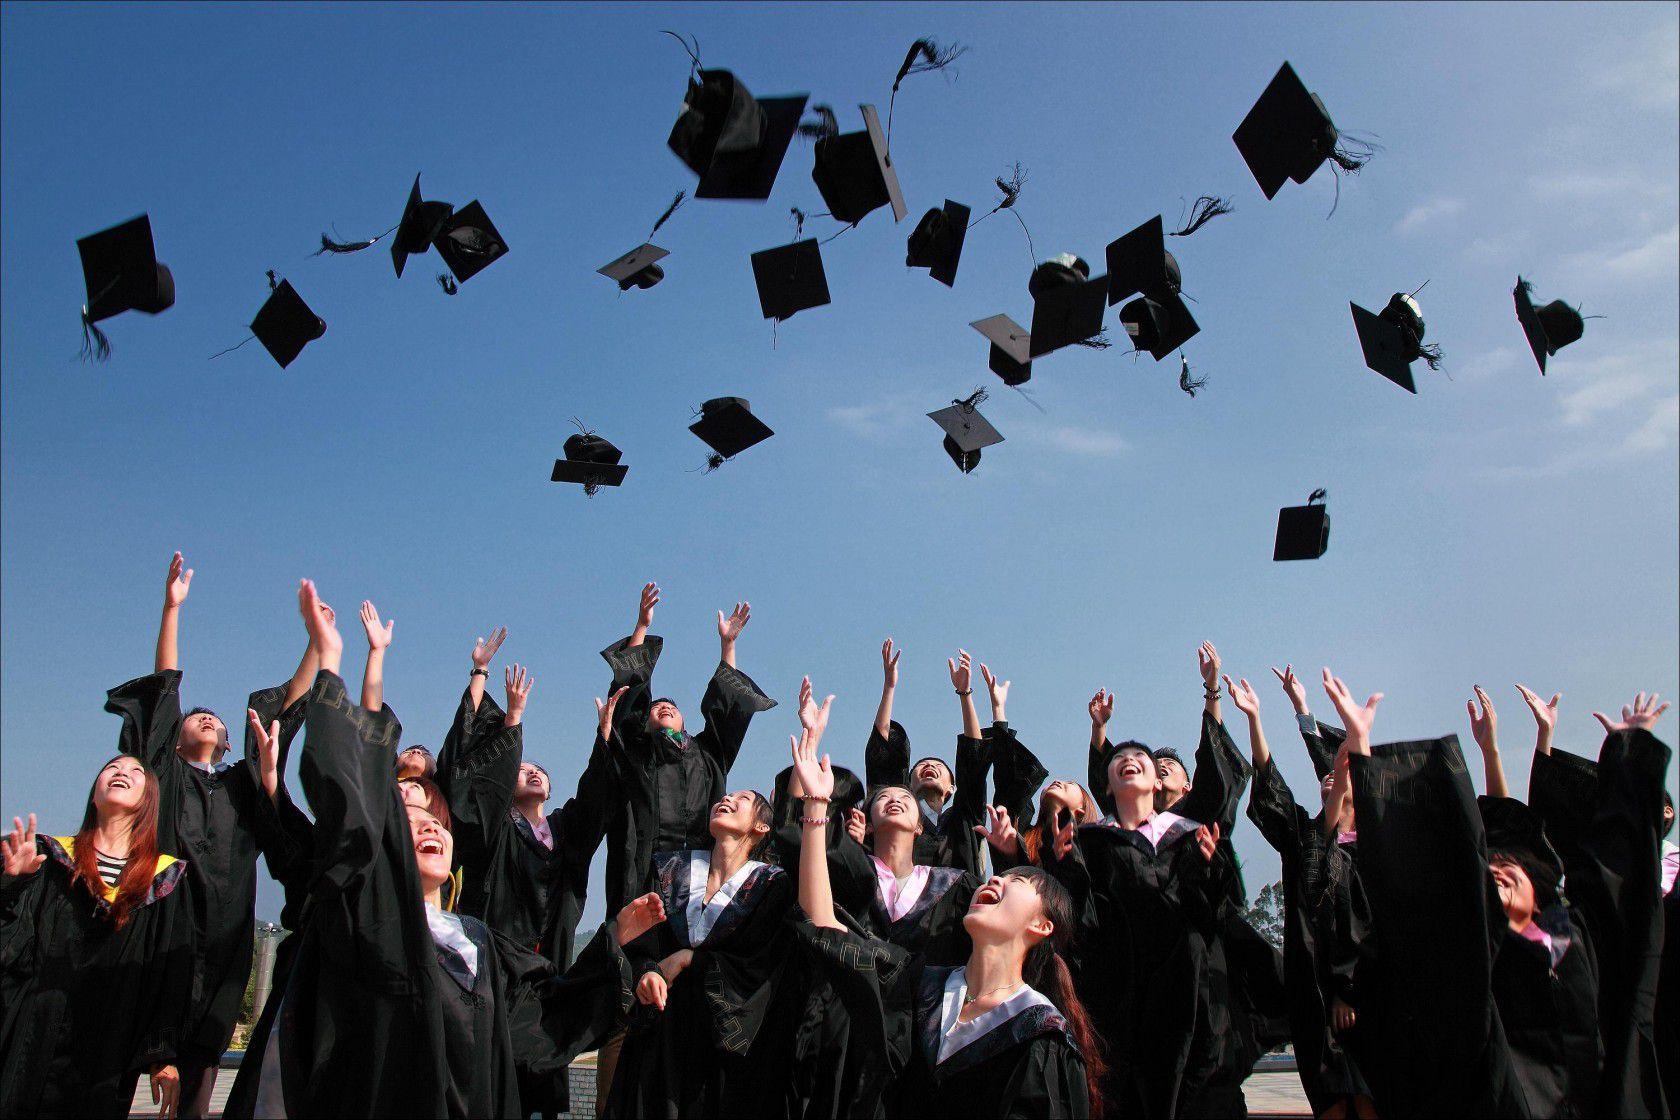 Yurtdışında Liseden Üniversiteye Geçişte Nelere Dikkat Etmeli